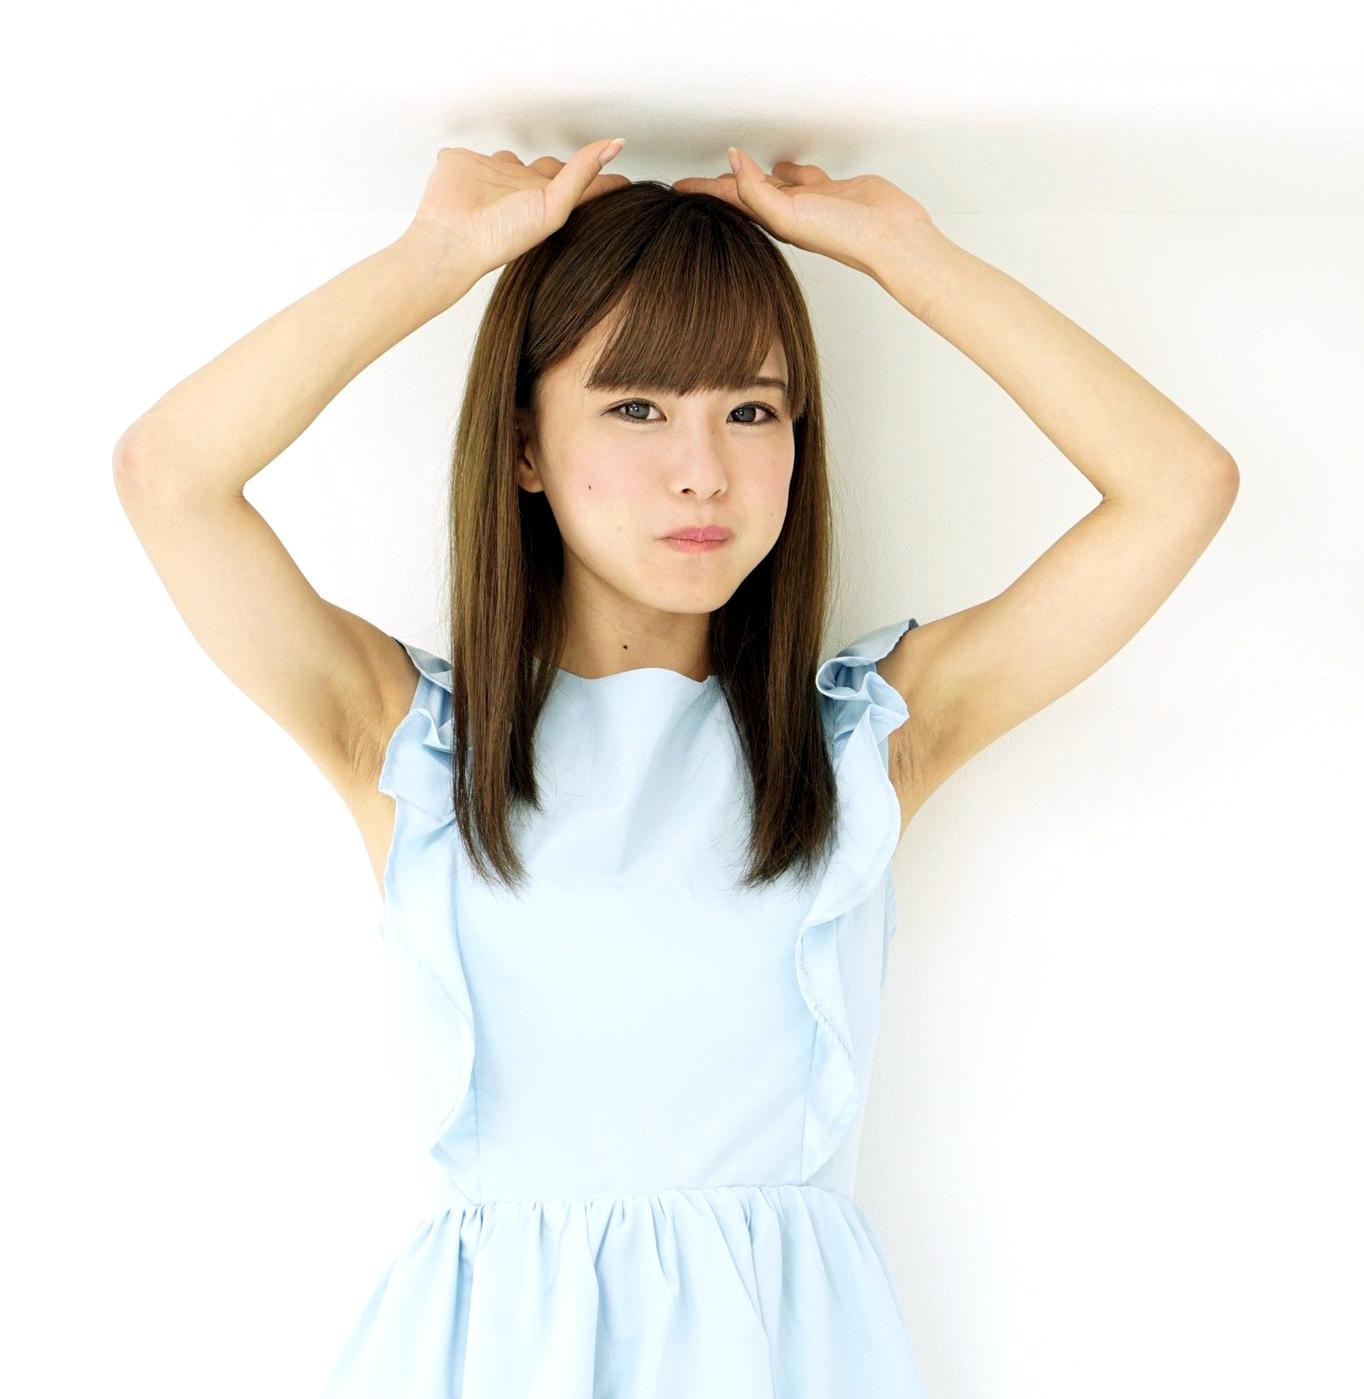 田中優衣のザラ腋 (4)